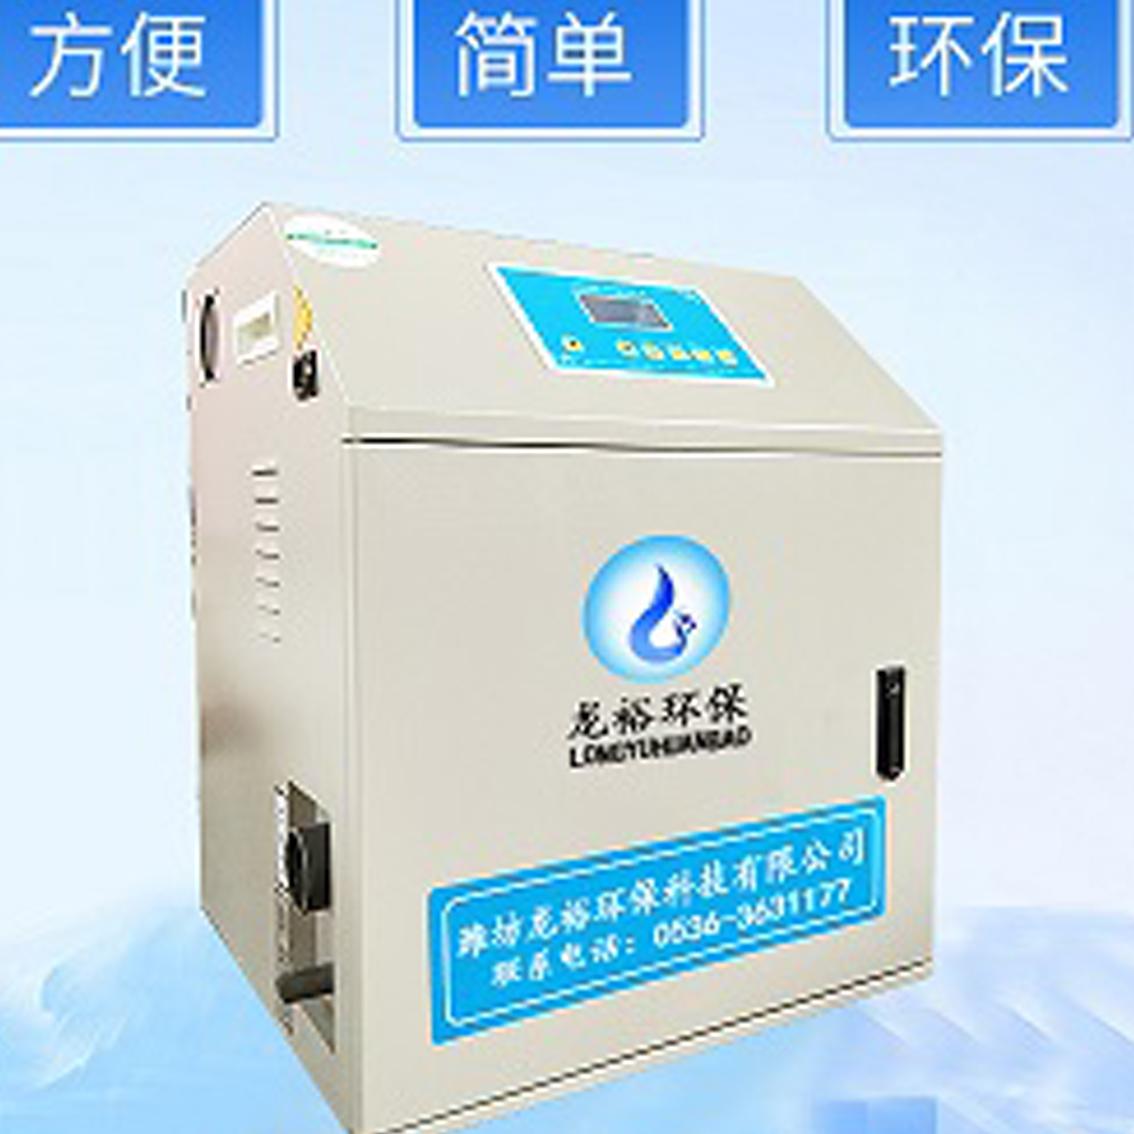 口腔门诊污水处理消毒系统